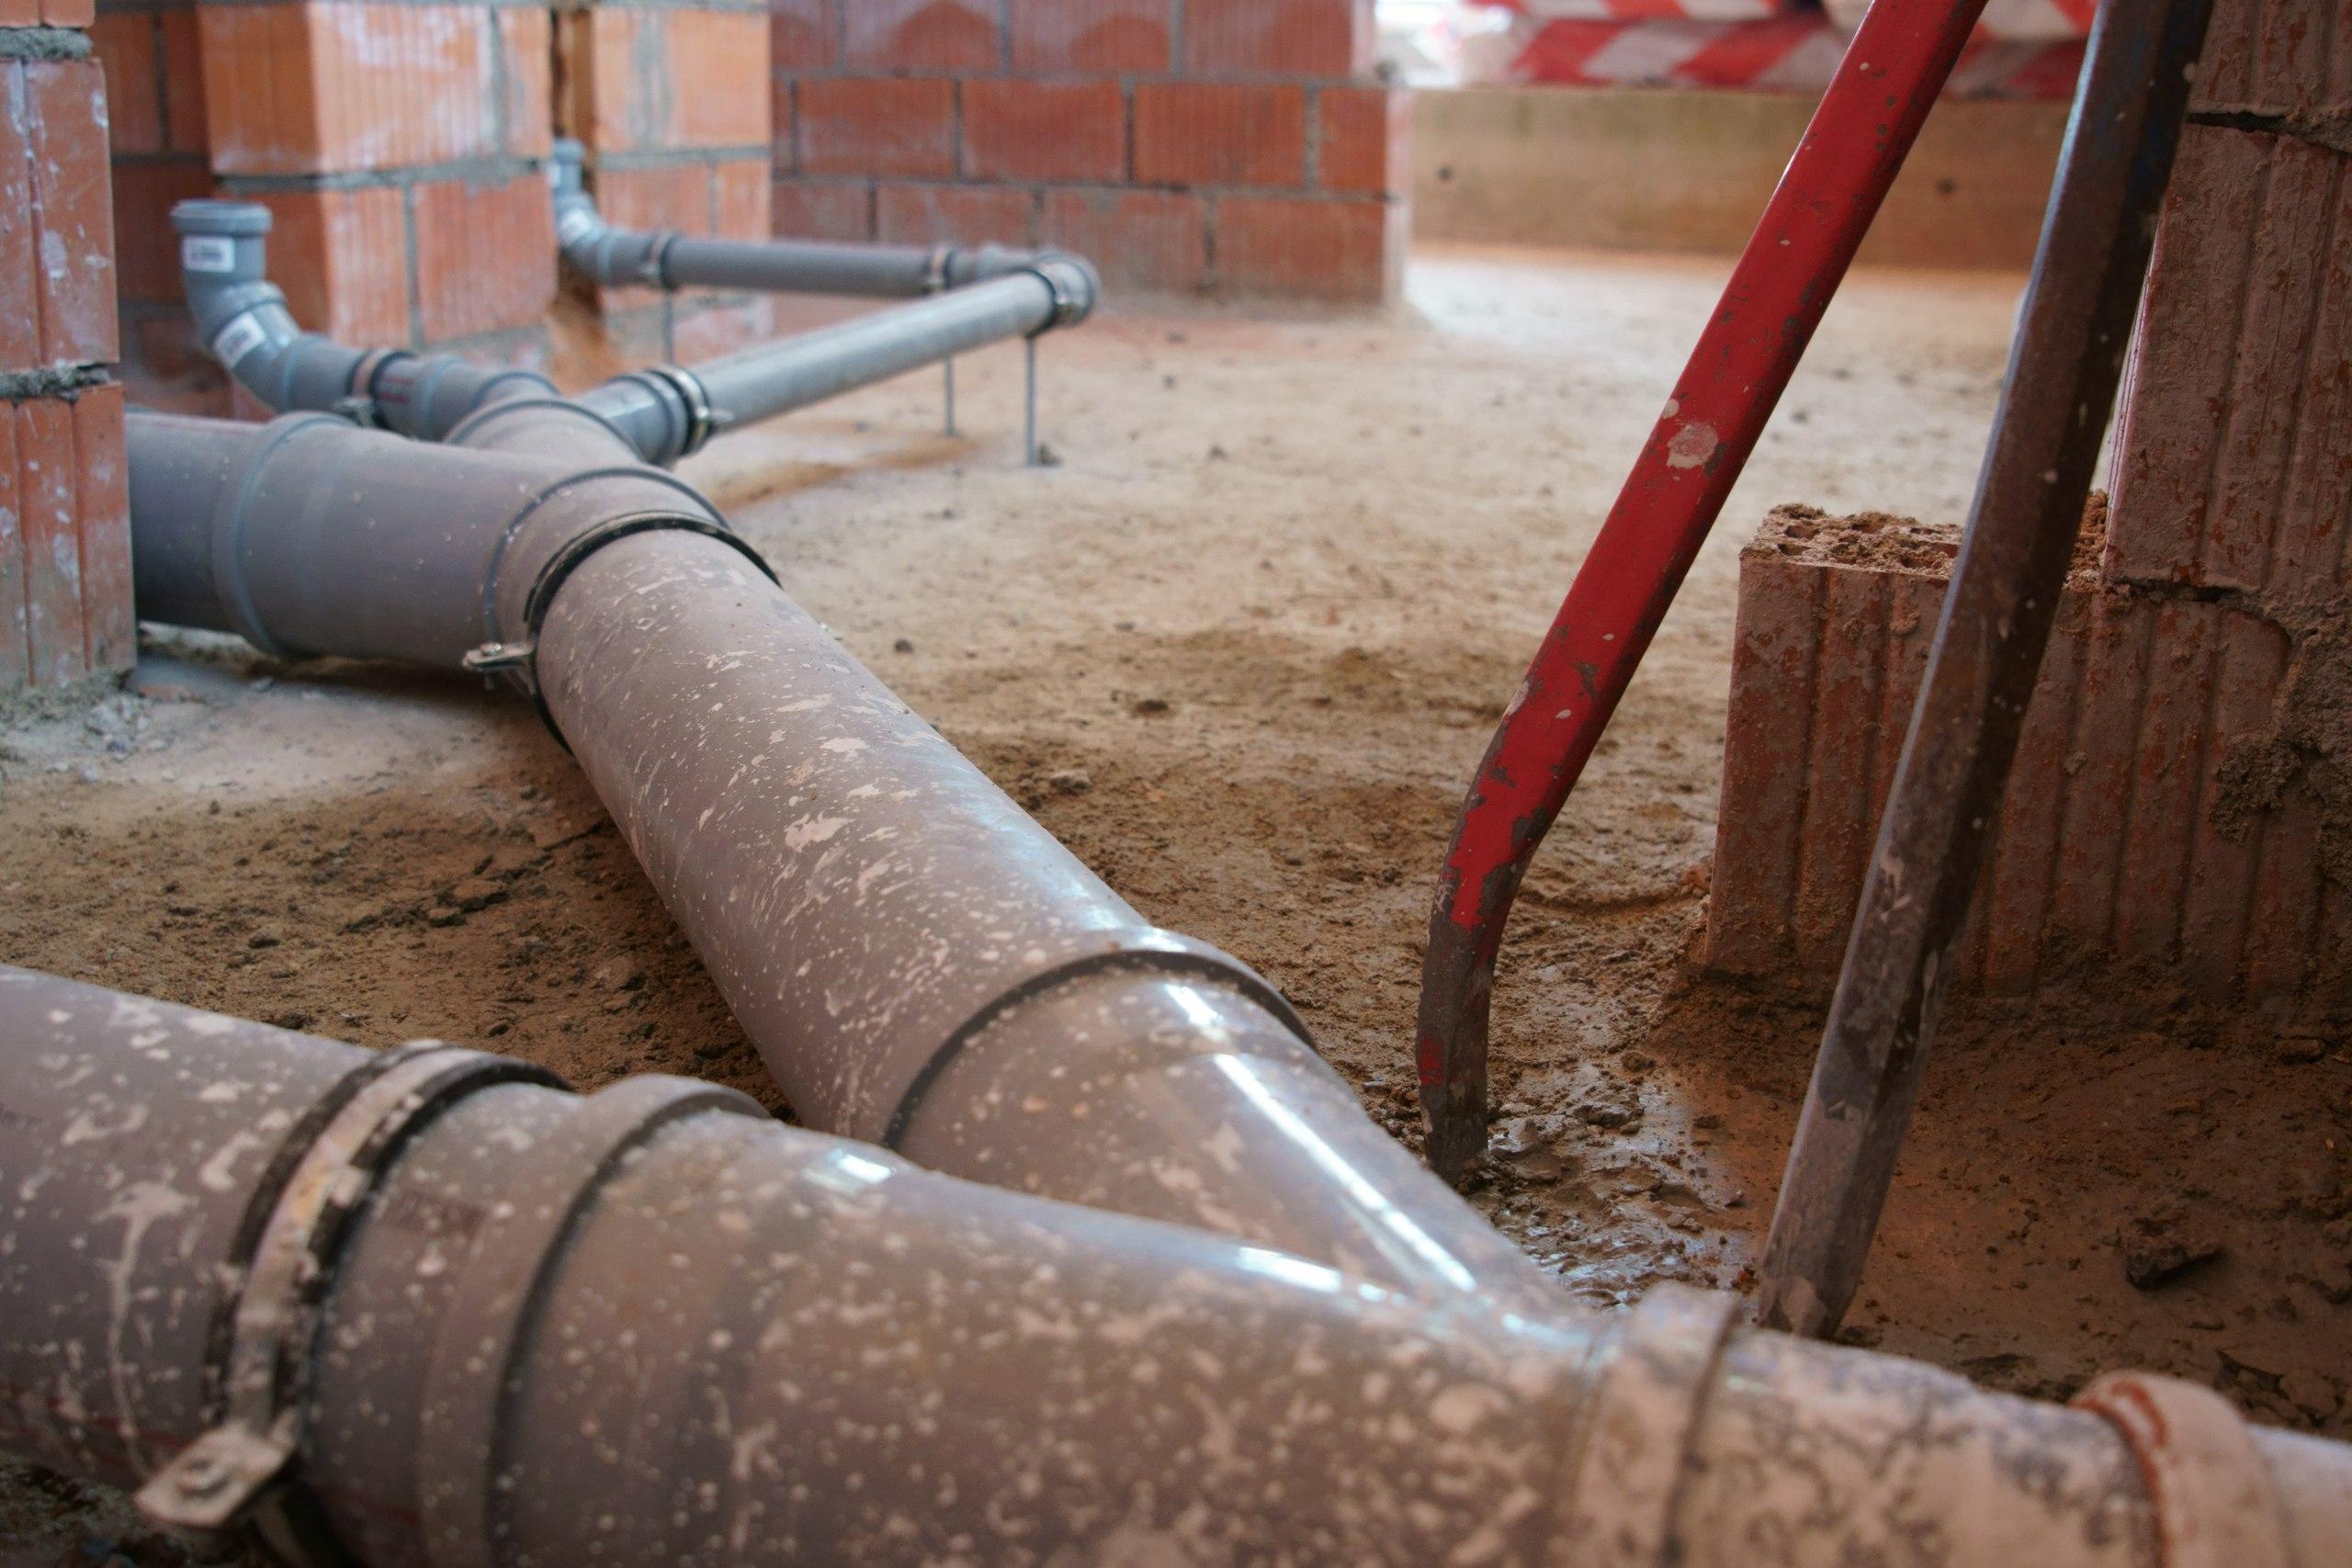 Технология и способы прокладки канализационных труб - мойклассныйсайт.ру